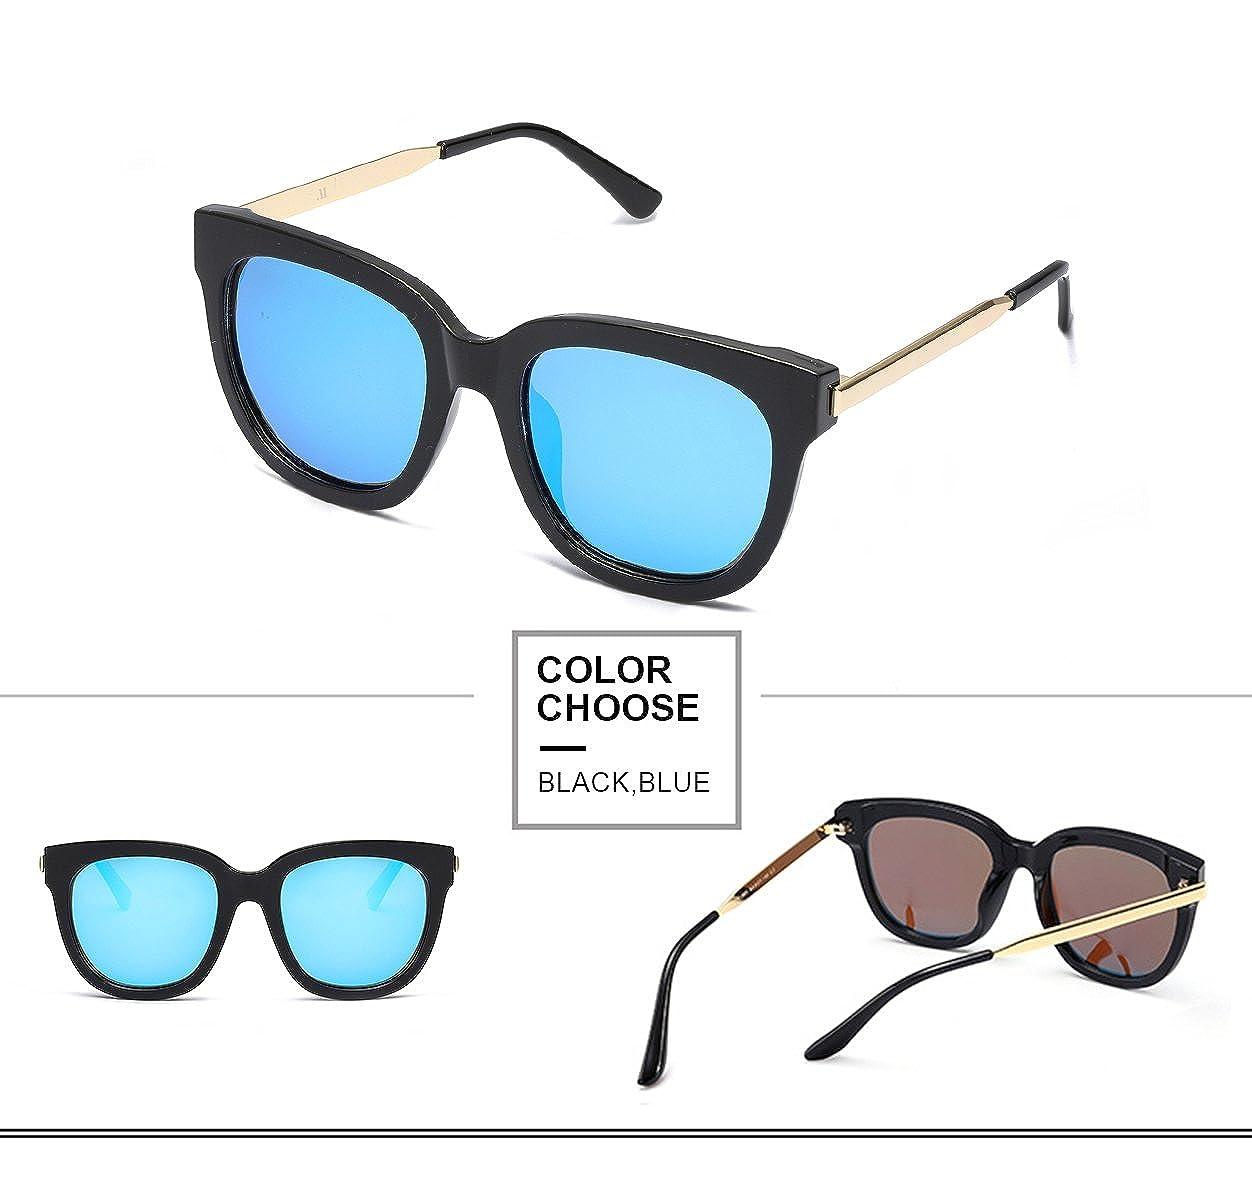 Gafas de Sol Mujer Polarizadas - Clásico Espejo Estilo Marco de Grande 38f3e0a0ae52